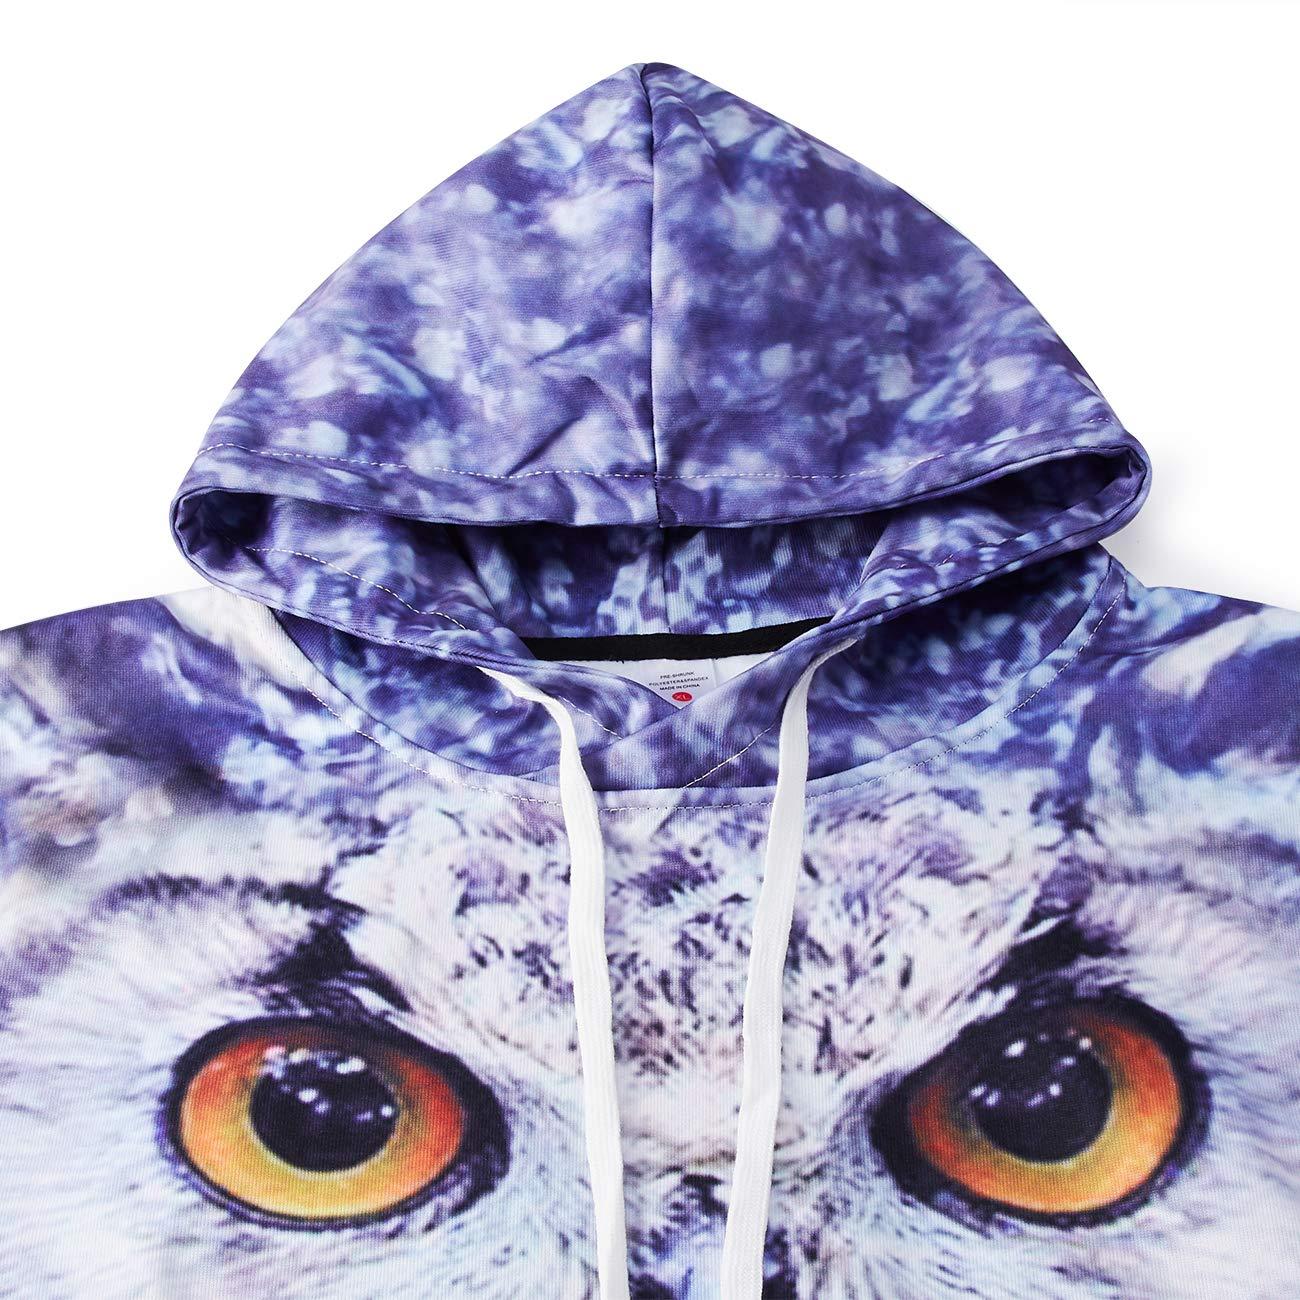 RAISEVERN Unisex Paar tragen Digitale Eulen 3D gedruckt Hooded Sweatshirt Casual Pullover Hoodies mit großer Tasche braun